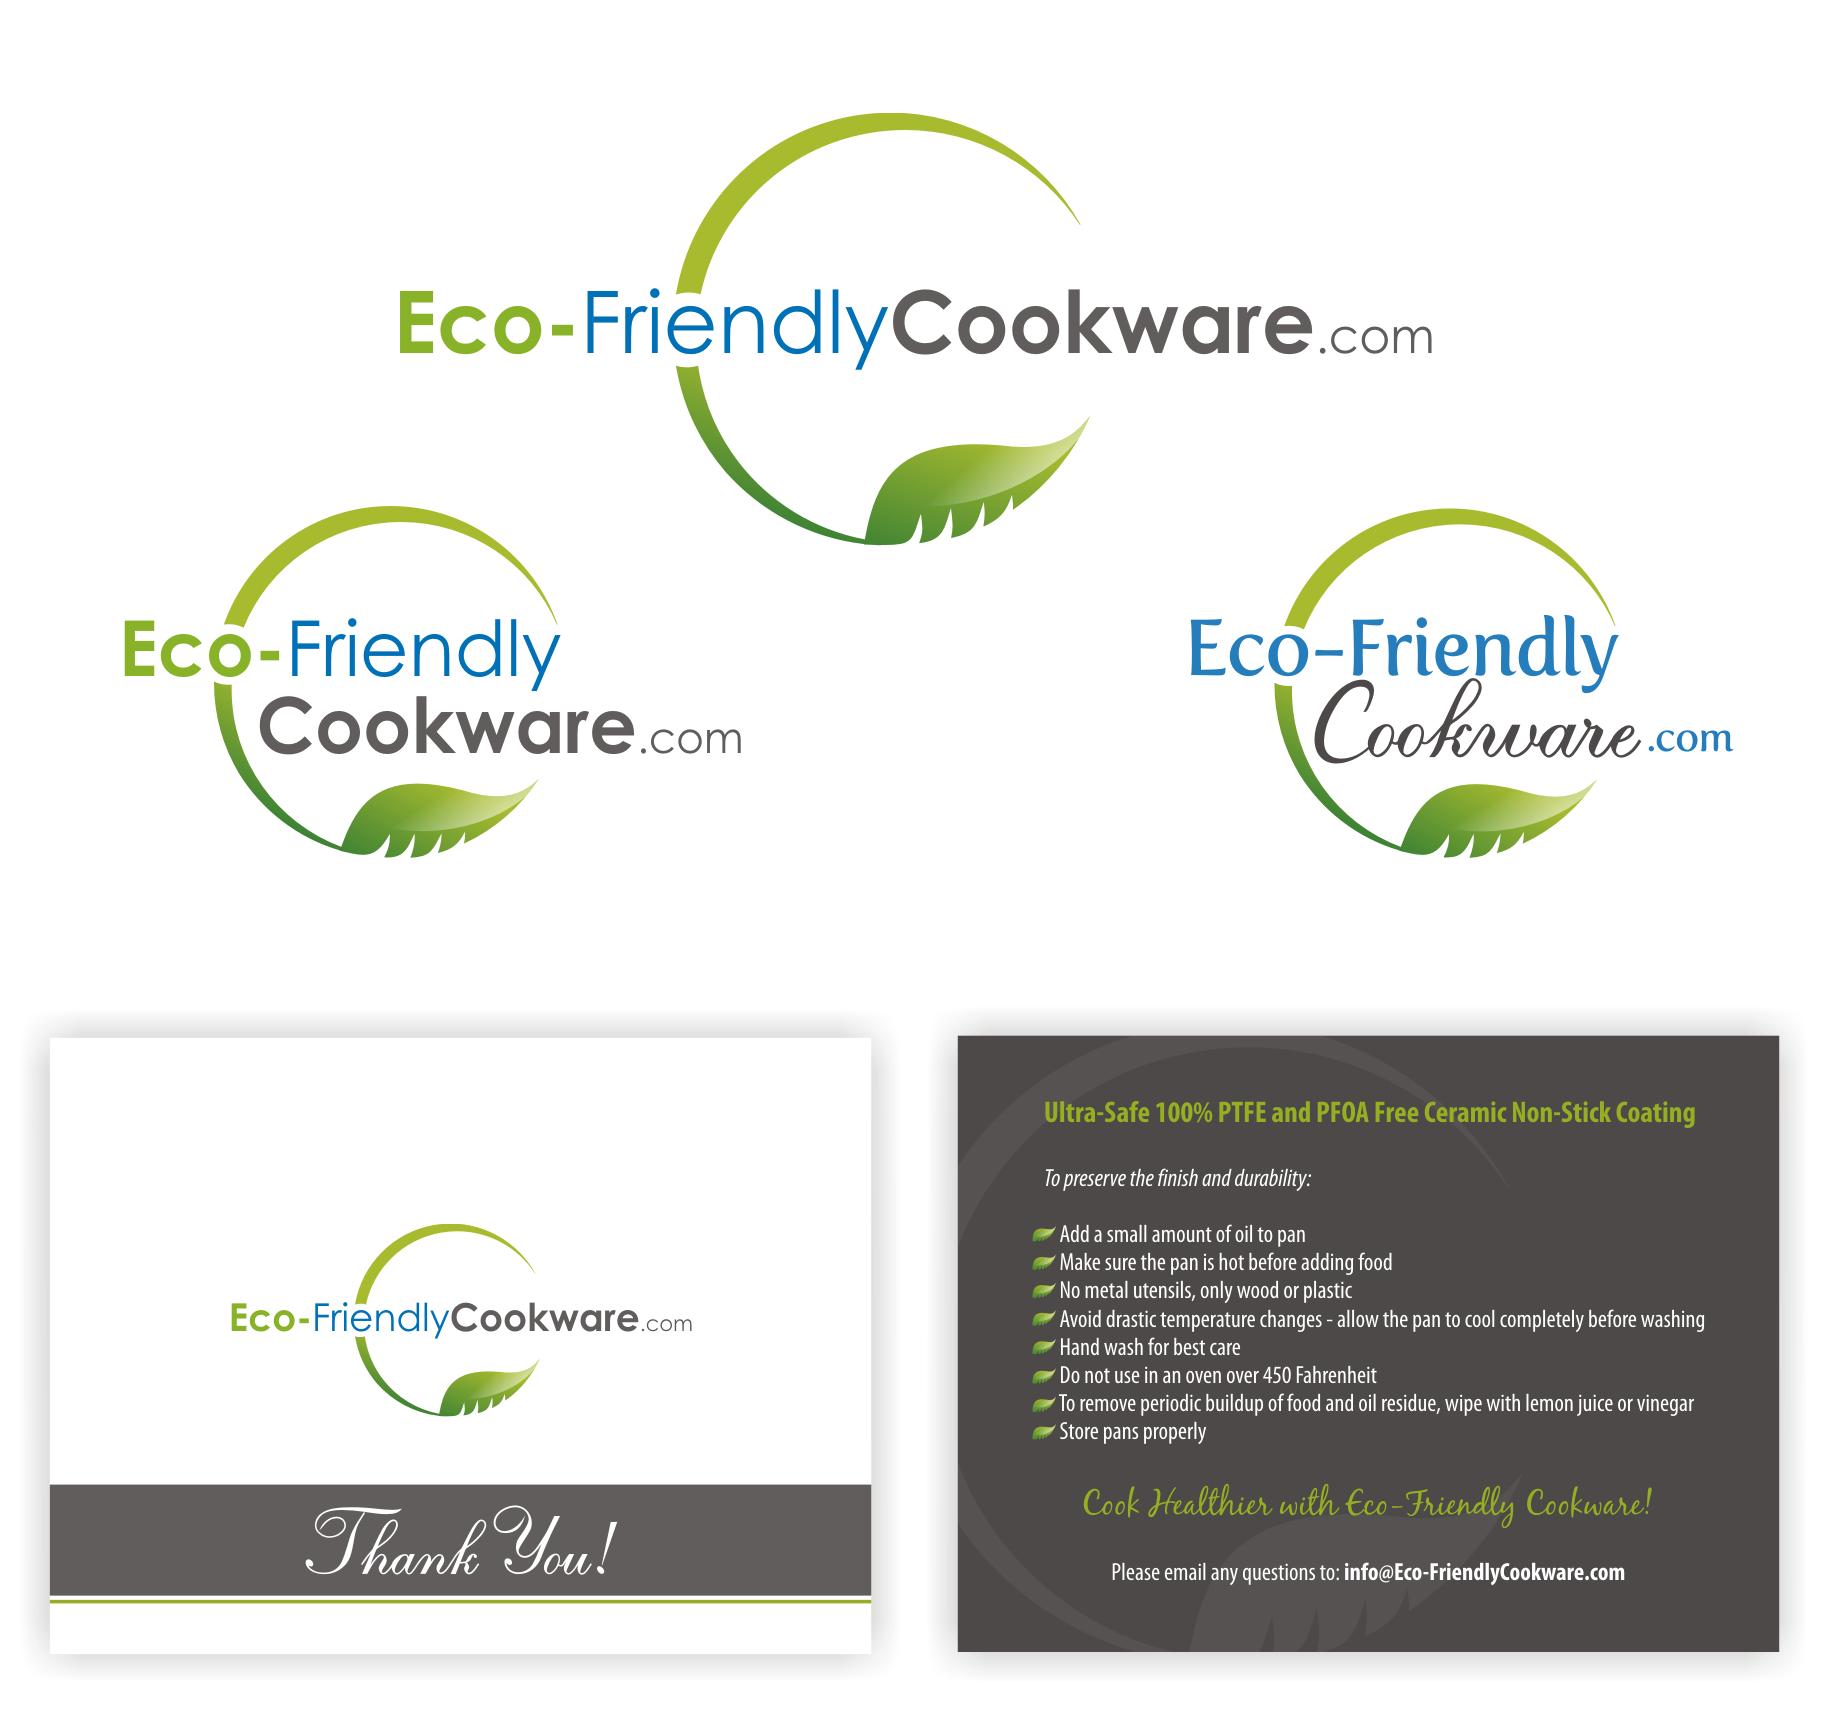 logo for Eco-FriendlyCookware.com